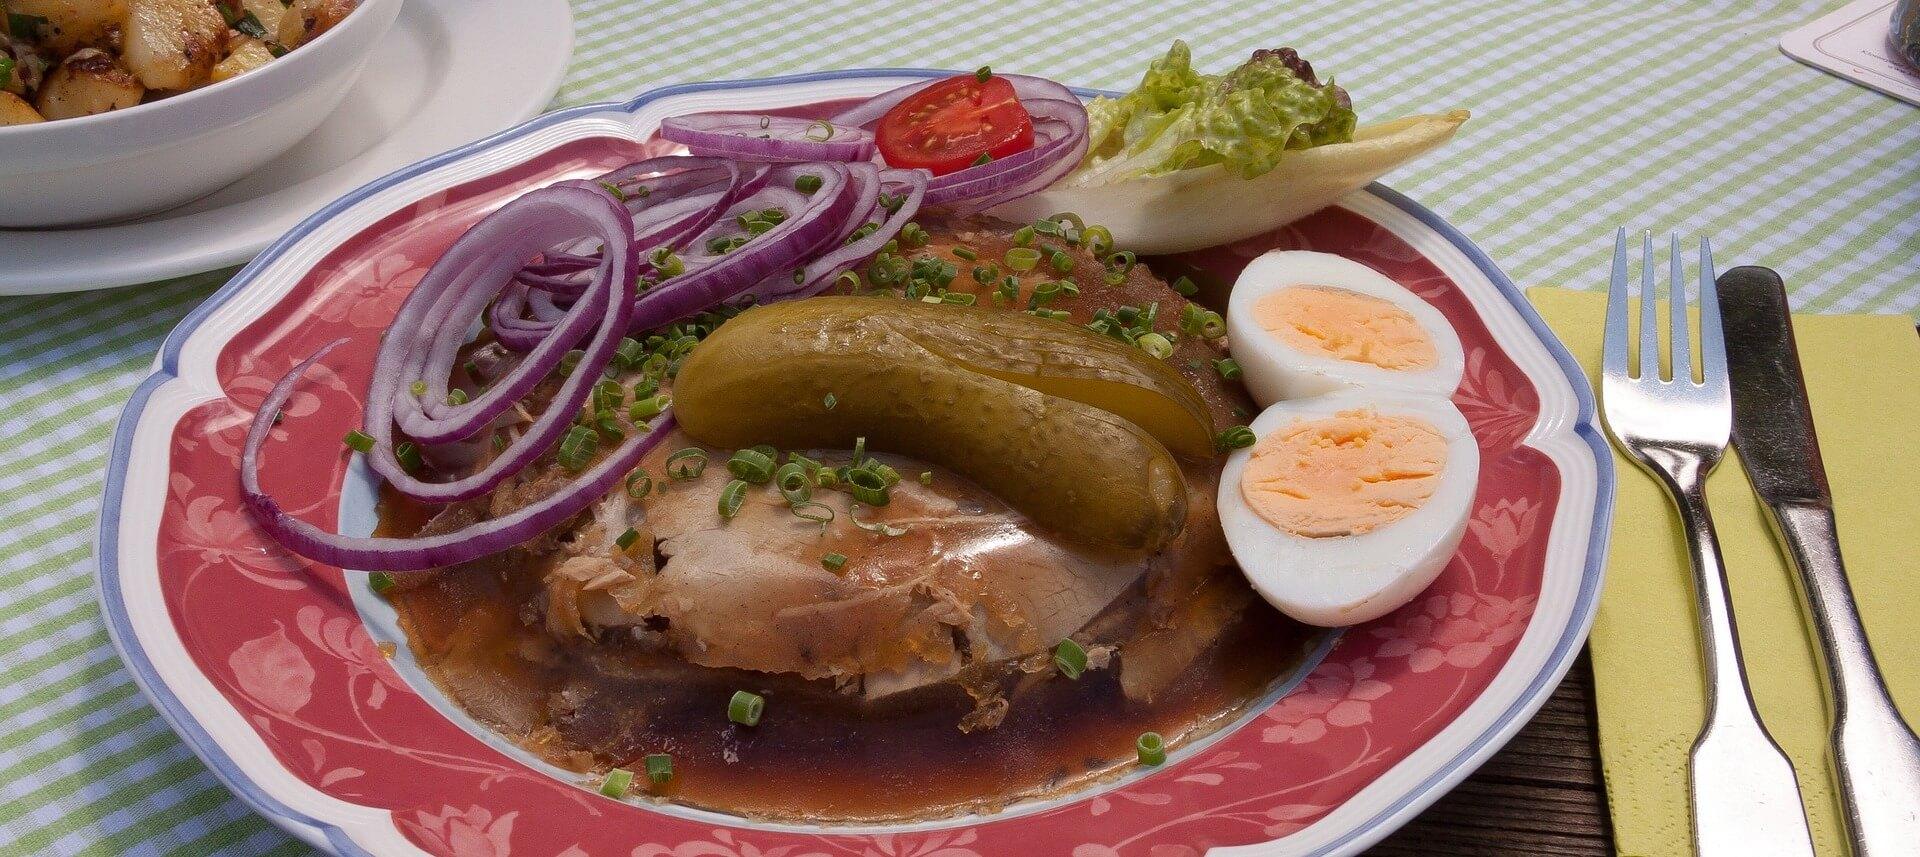 Холодец из говядины: интересный пошаговый рецепт поморской кухни